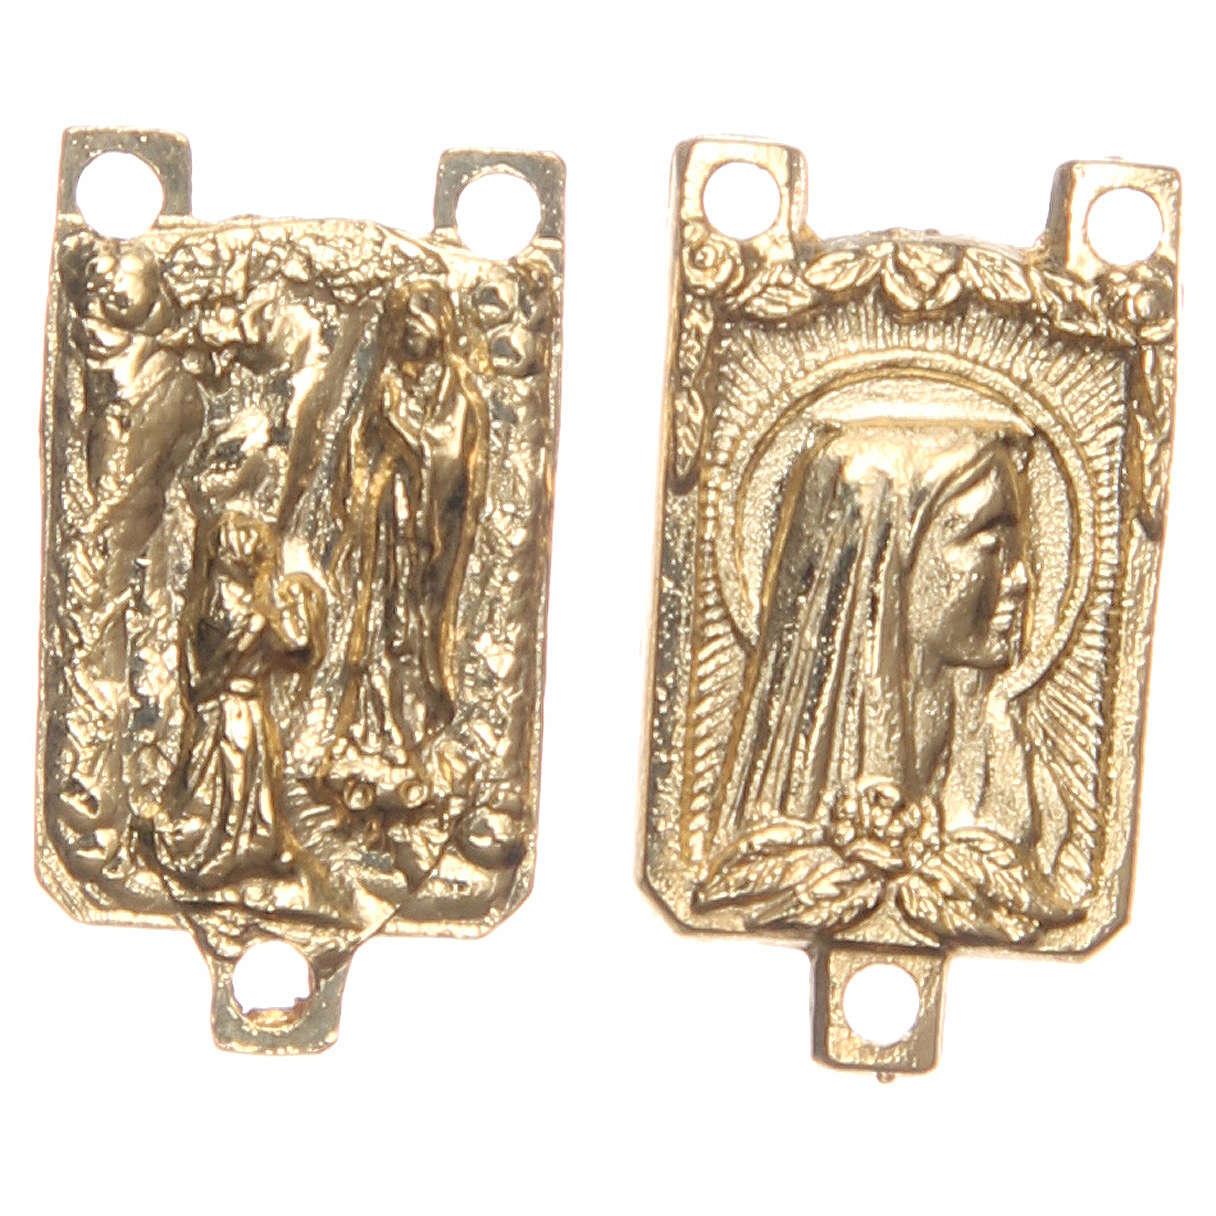 STOCK Crociera rettangolare metallo dorato Grotta di Lourdes 4